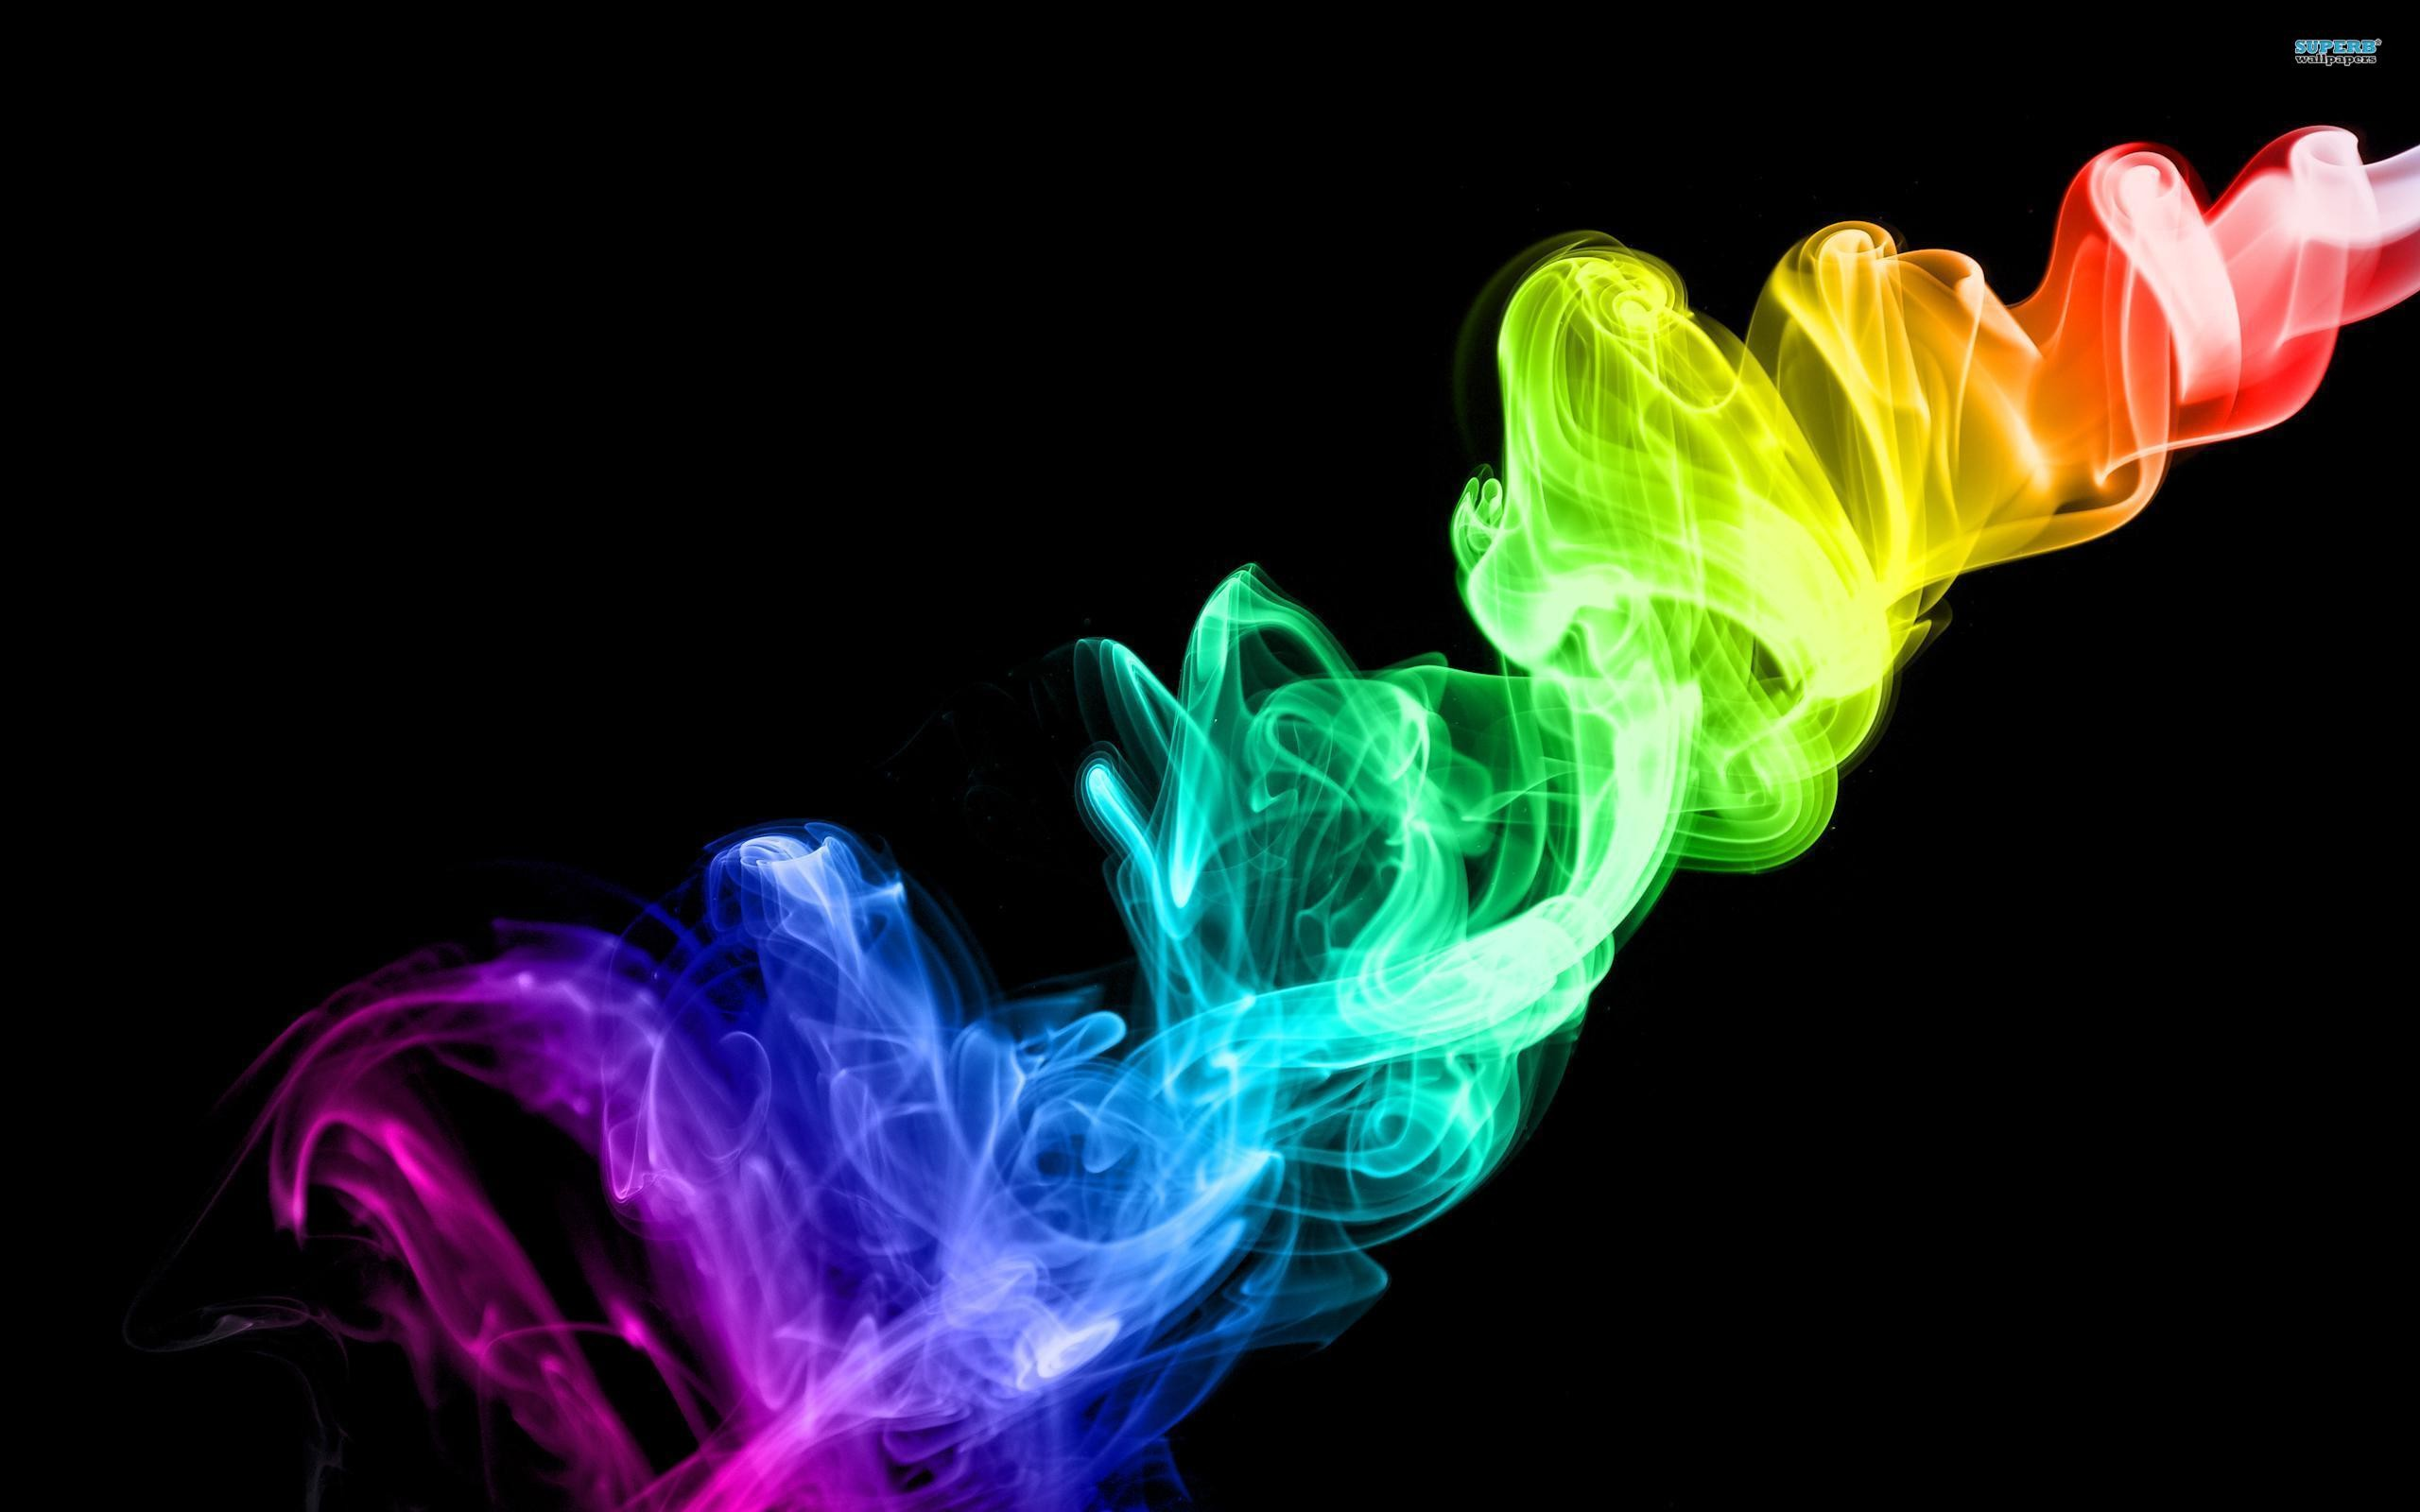 Colorful Smoke HD Wallpaper